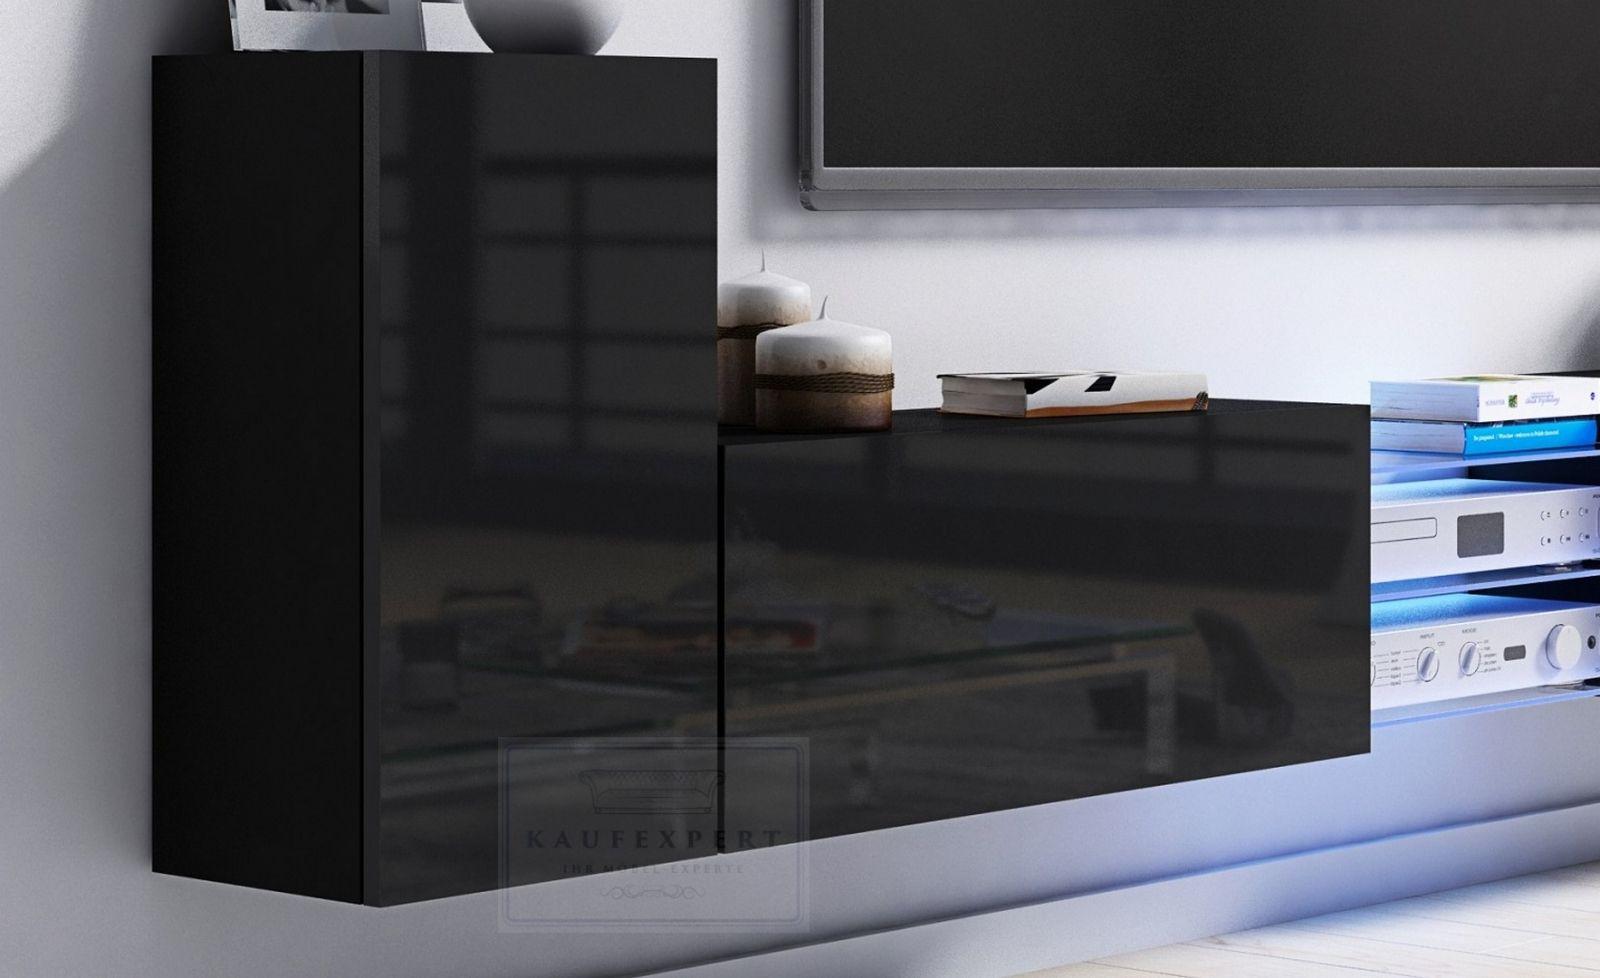 22 Begrenzt Lowboard Modern Tv Mobel Lowboard Wohnwand Schwarz Weiss Wohnzimmer Design